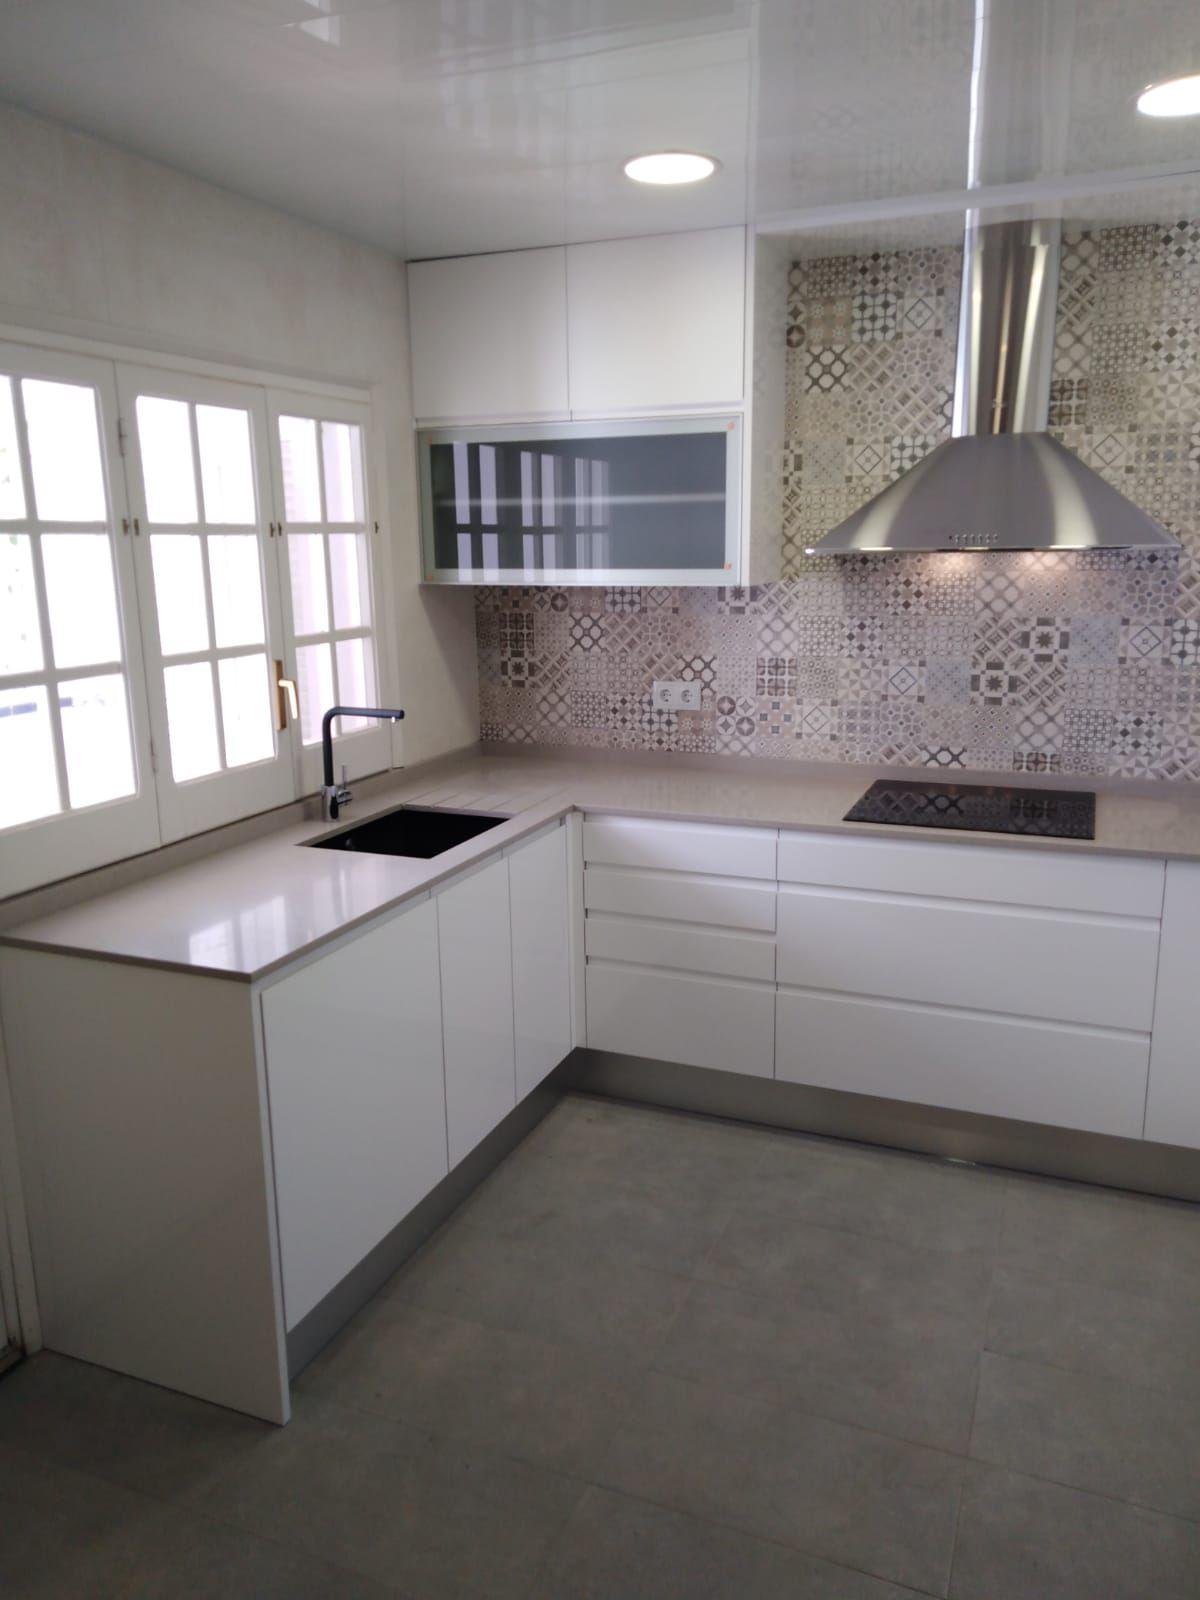 Fábrica de muebles de cocina en Barcelona